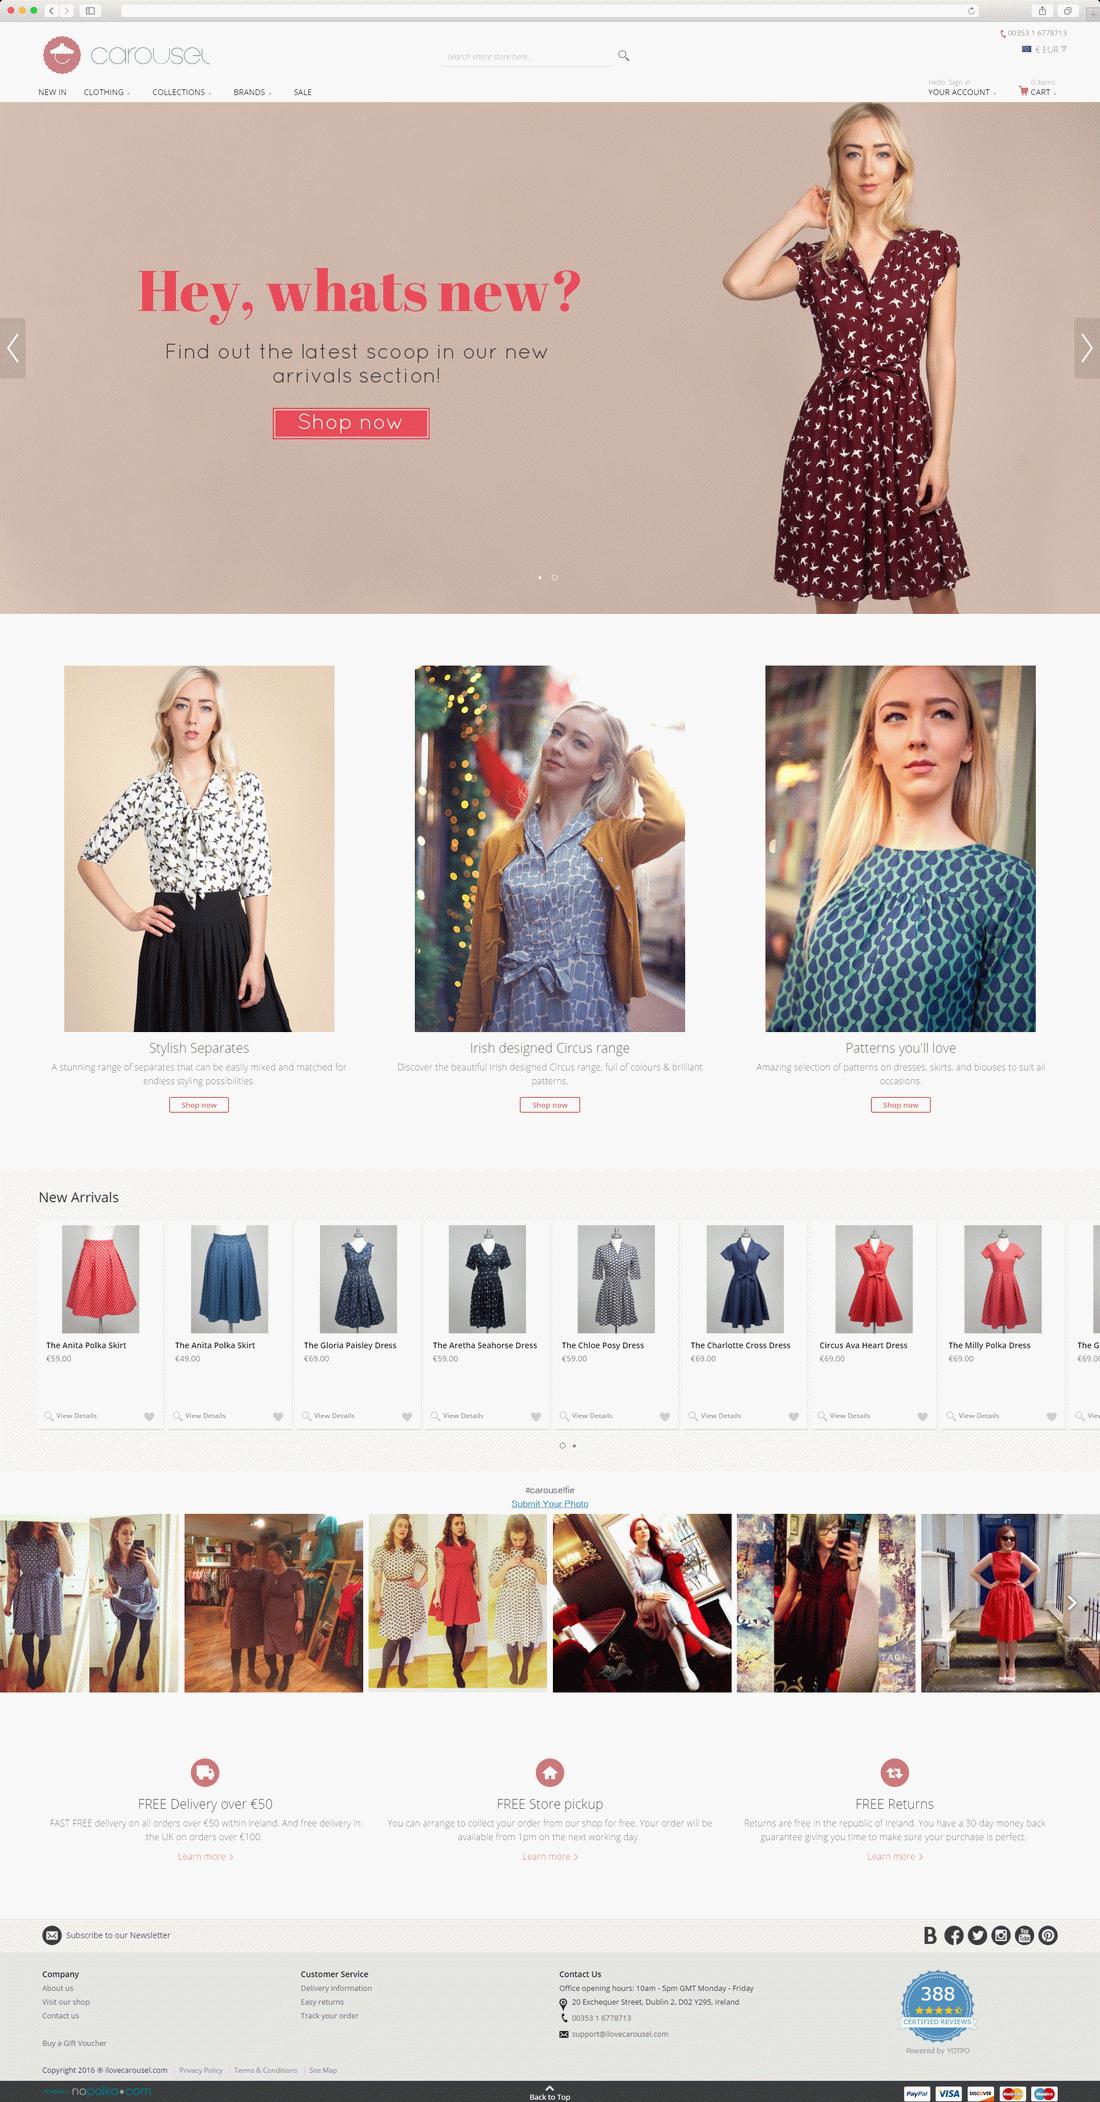 carousel_homepage